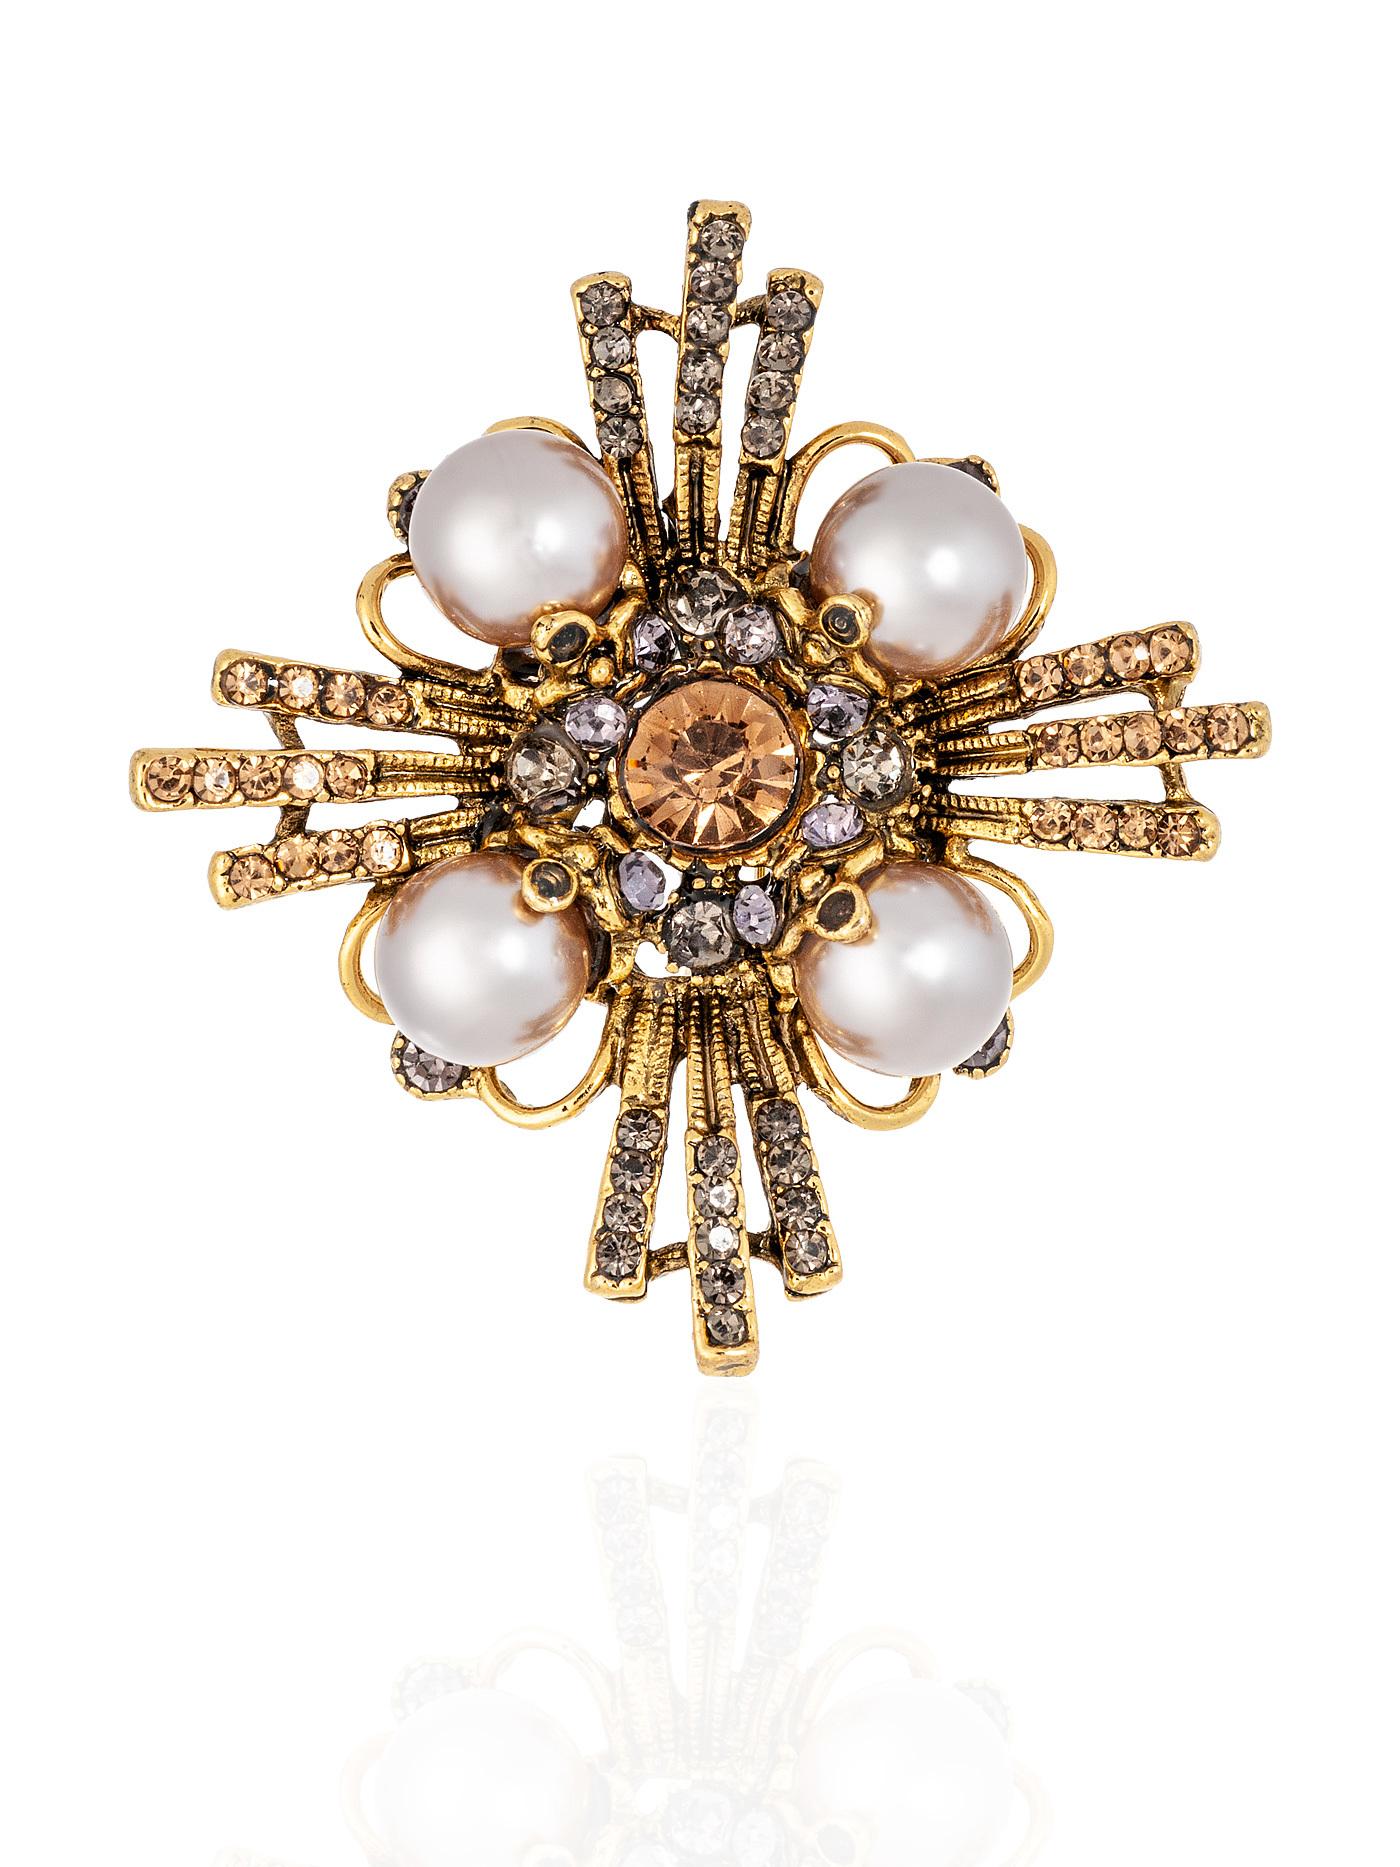 Брошь Орден с жемчугом и кристаллами, стильные подарки